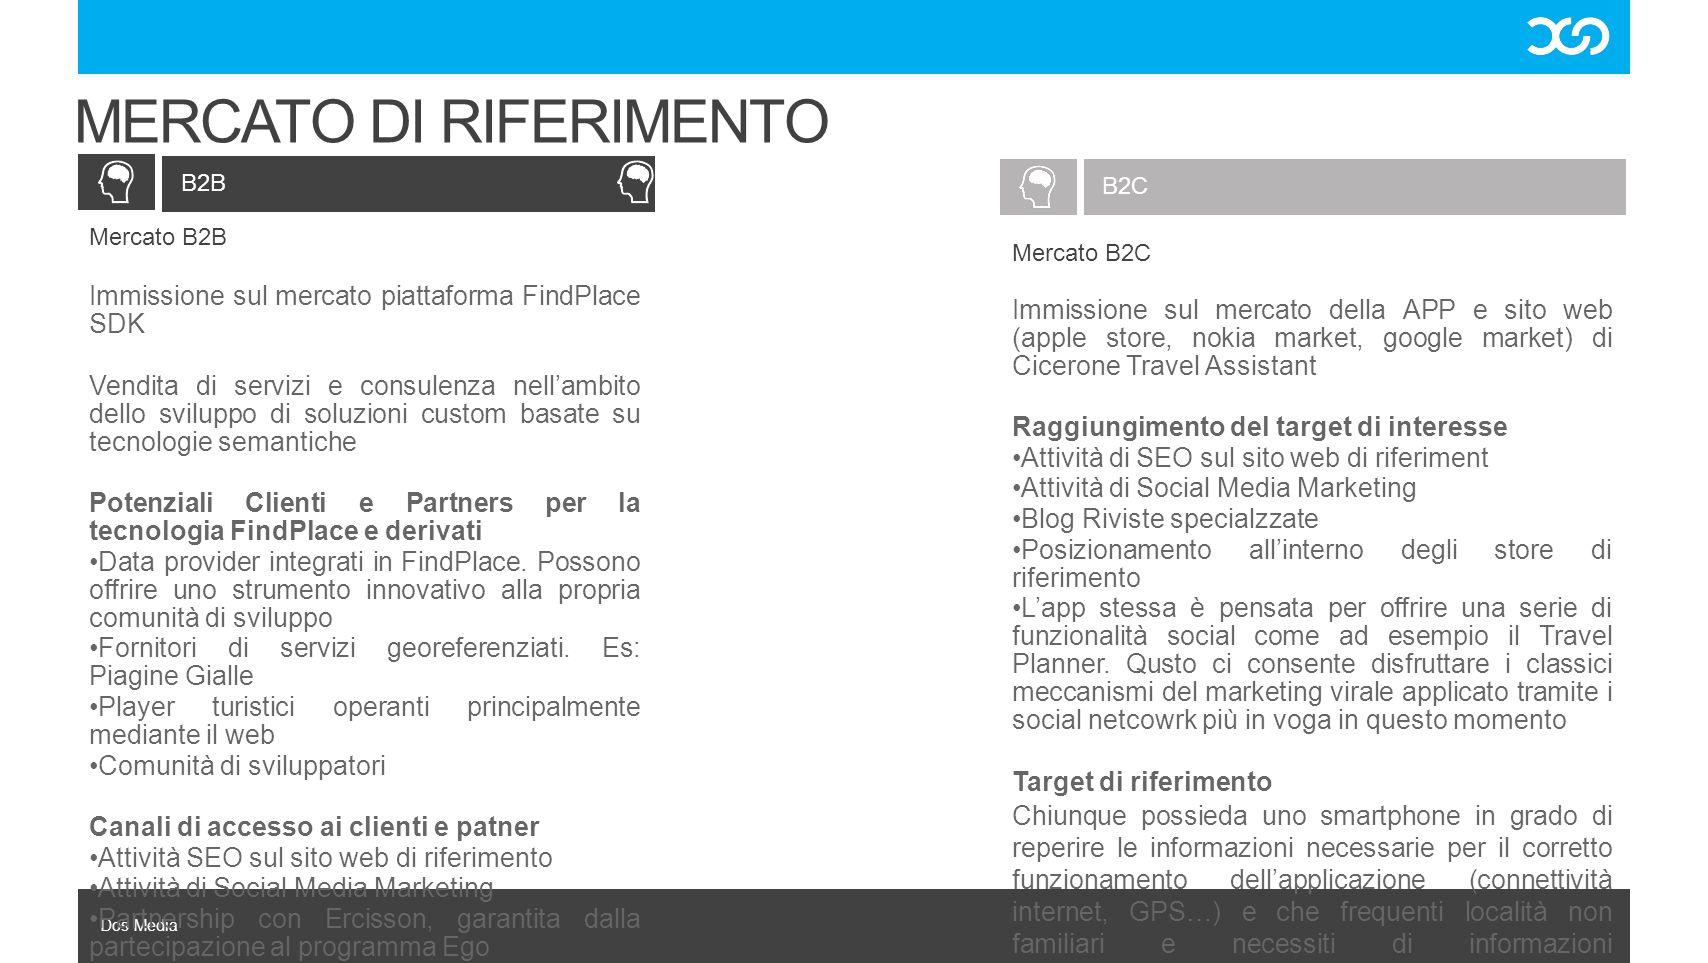 Dos Media B2C B2B MERCATO DI RIFERIMENTO Mercato B2B Immissione sul mercato piattaforma FindPlace SDK Vendita di servizi e consulenza nell'ambito dell